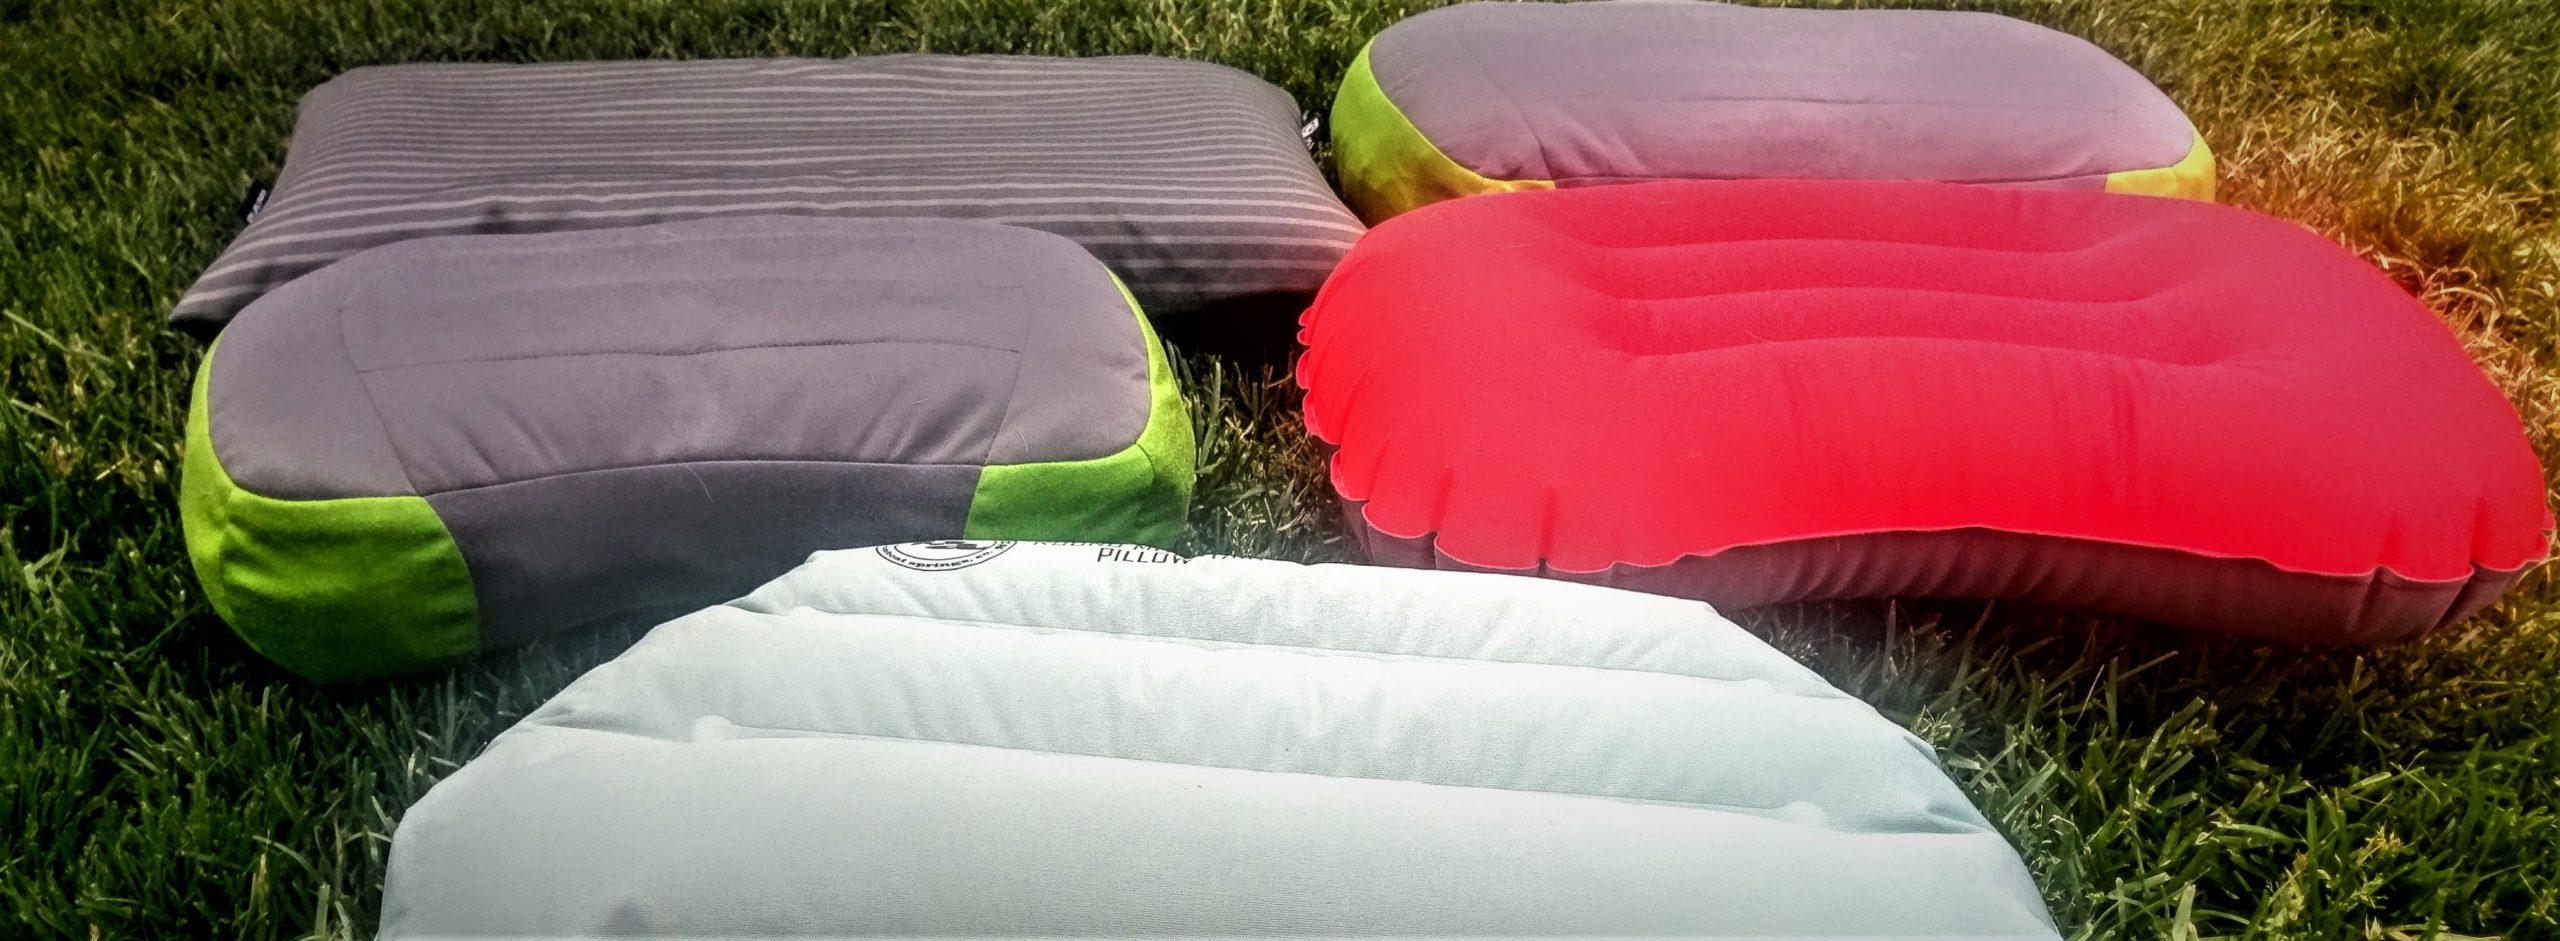 Best ultralight backpacking pillow